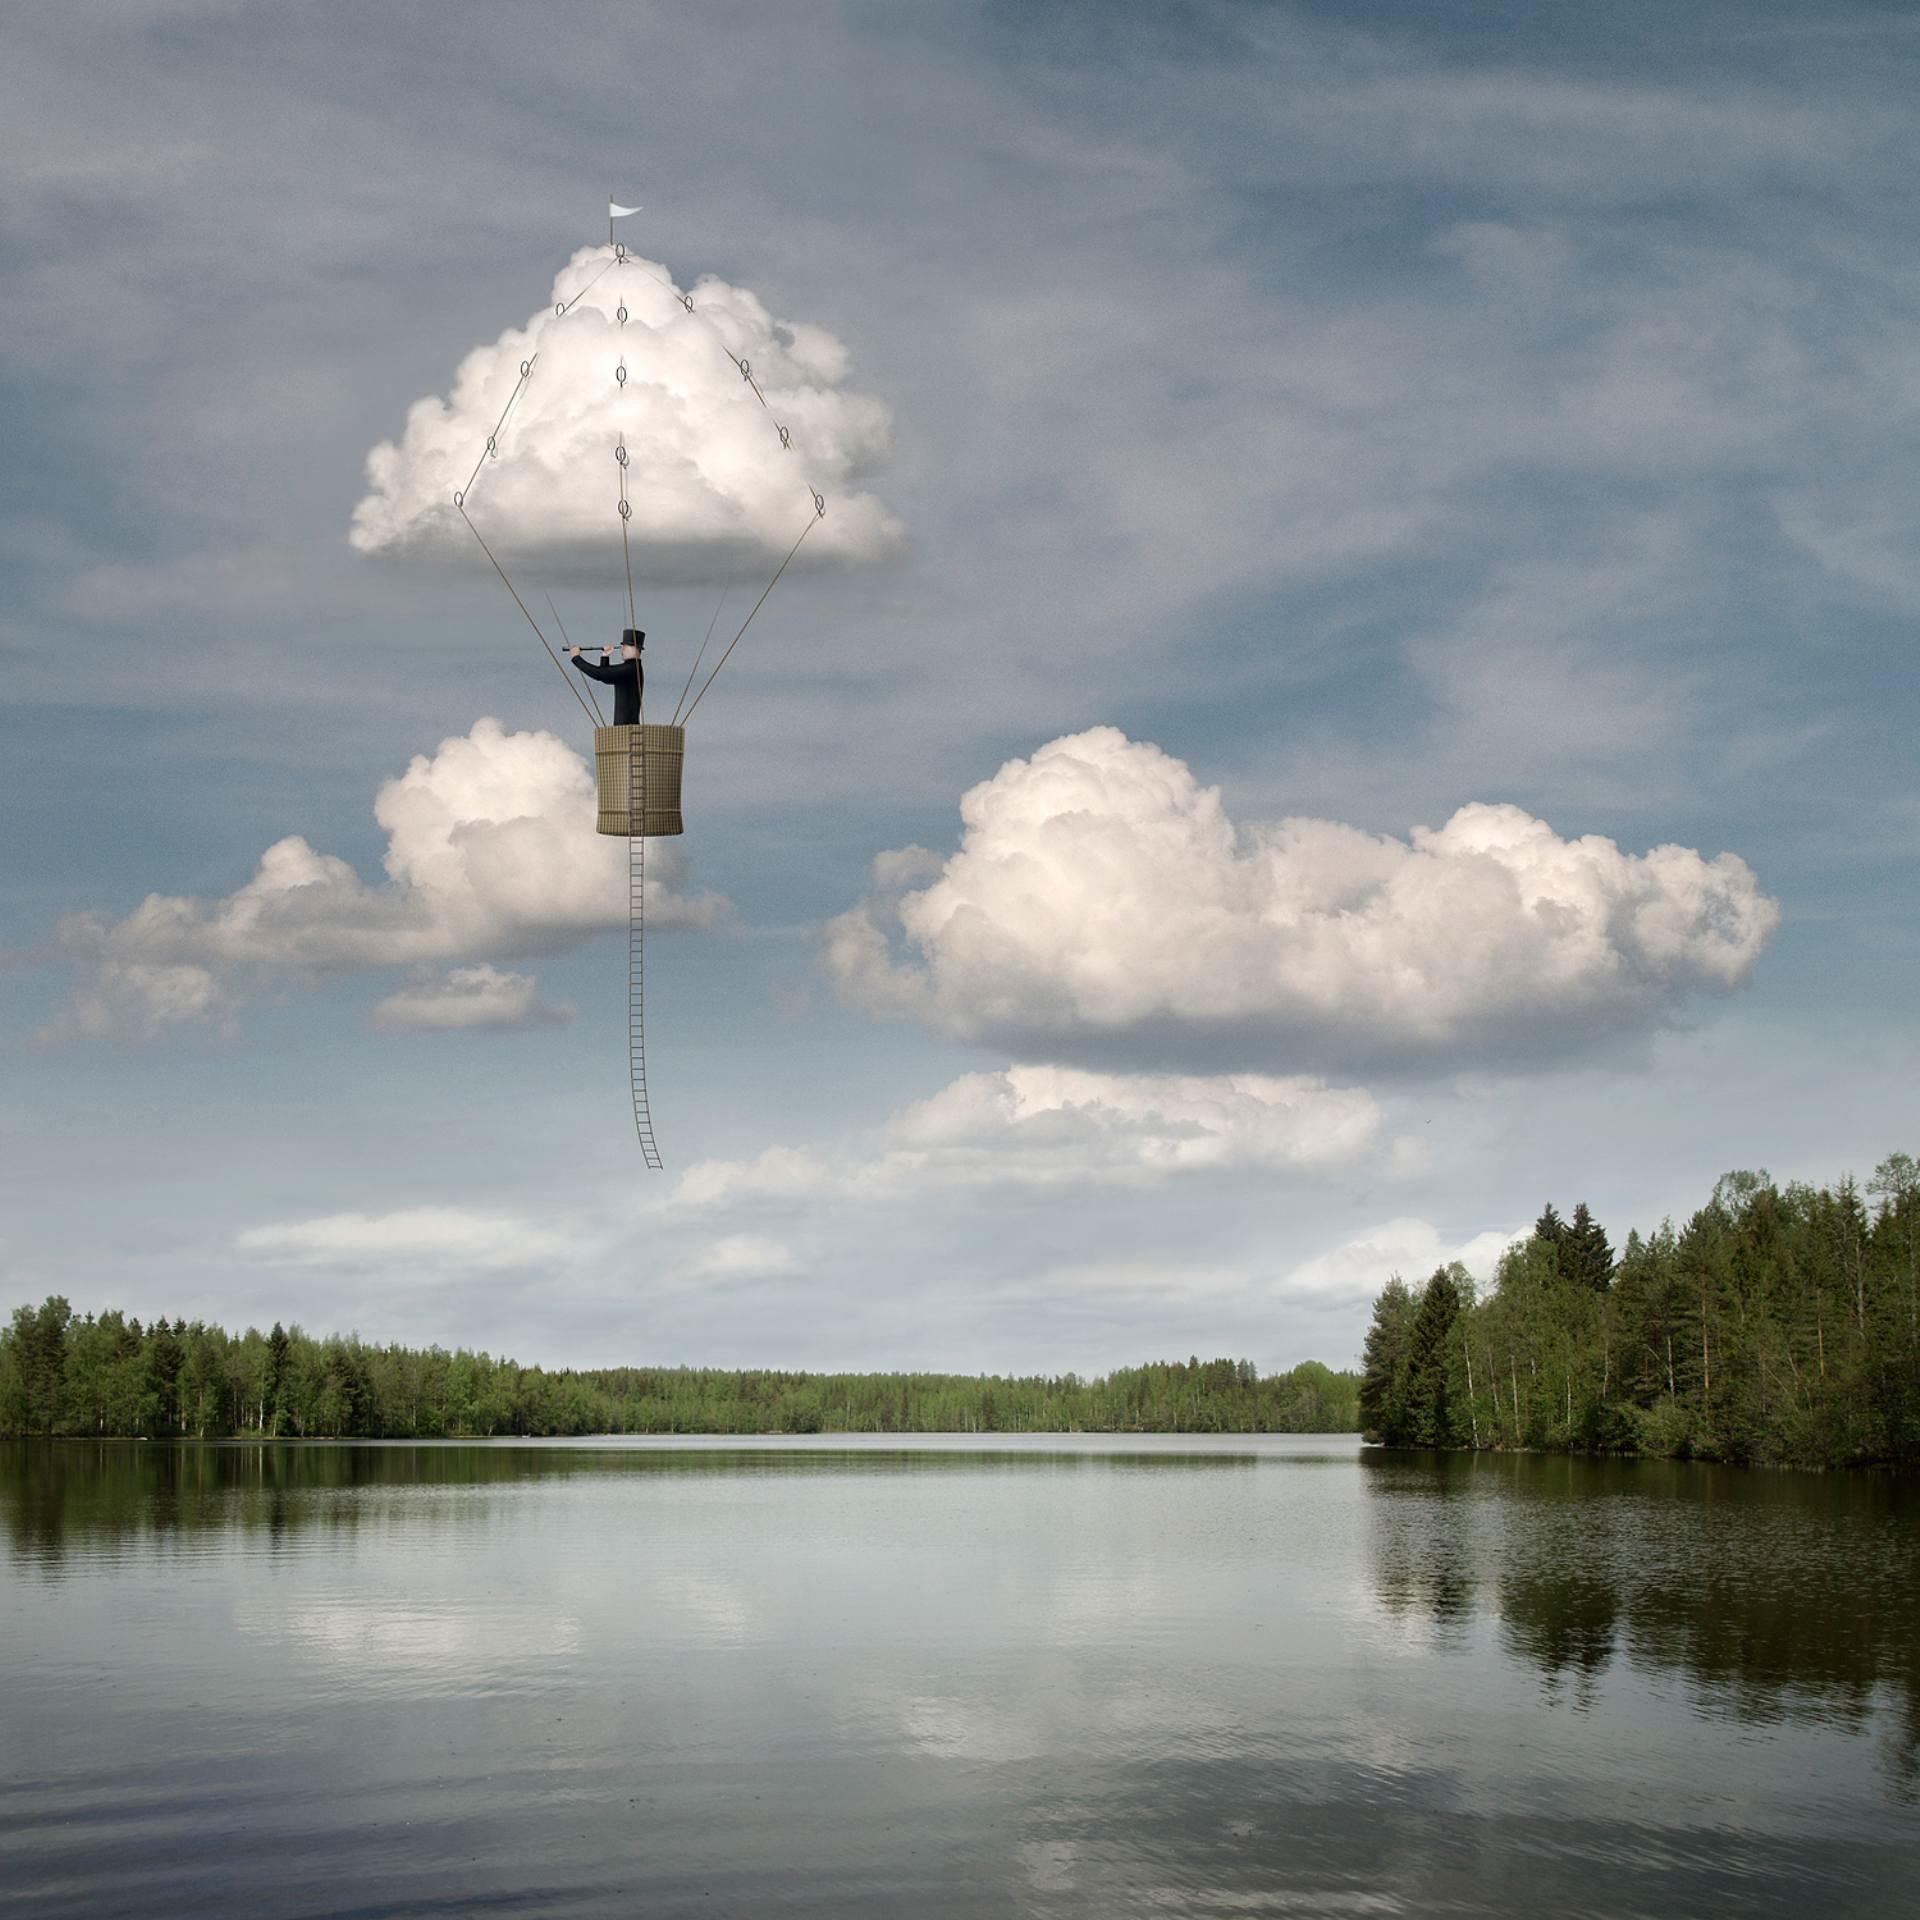 Dünyanın, Bir Sihirbazın Gözünden Anlatıldığı 15 Gerçek Üstü Fotoğraf Manipülasyonları